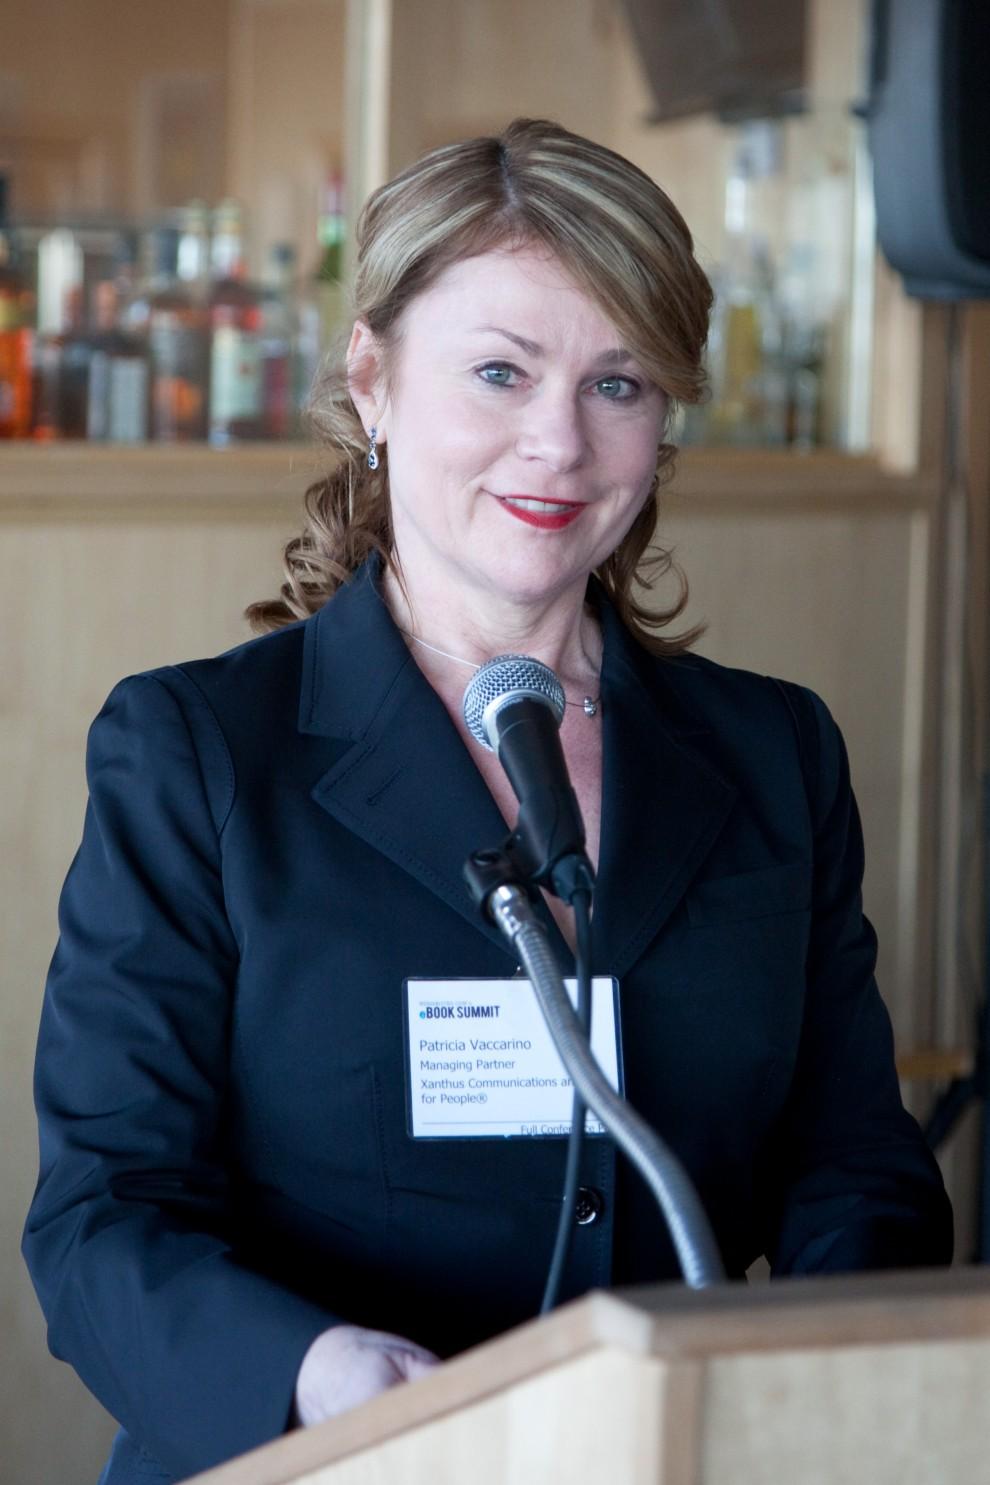 Patricia Vaccarino, moderator